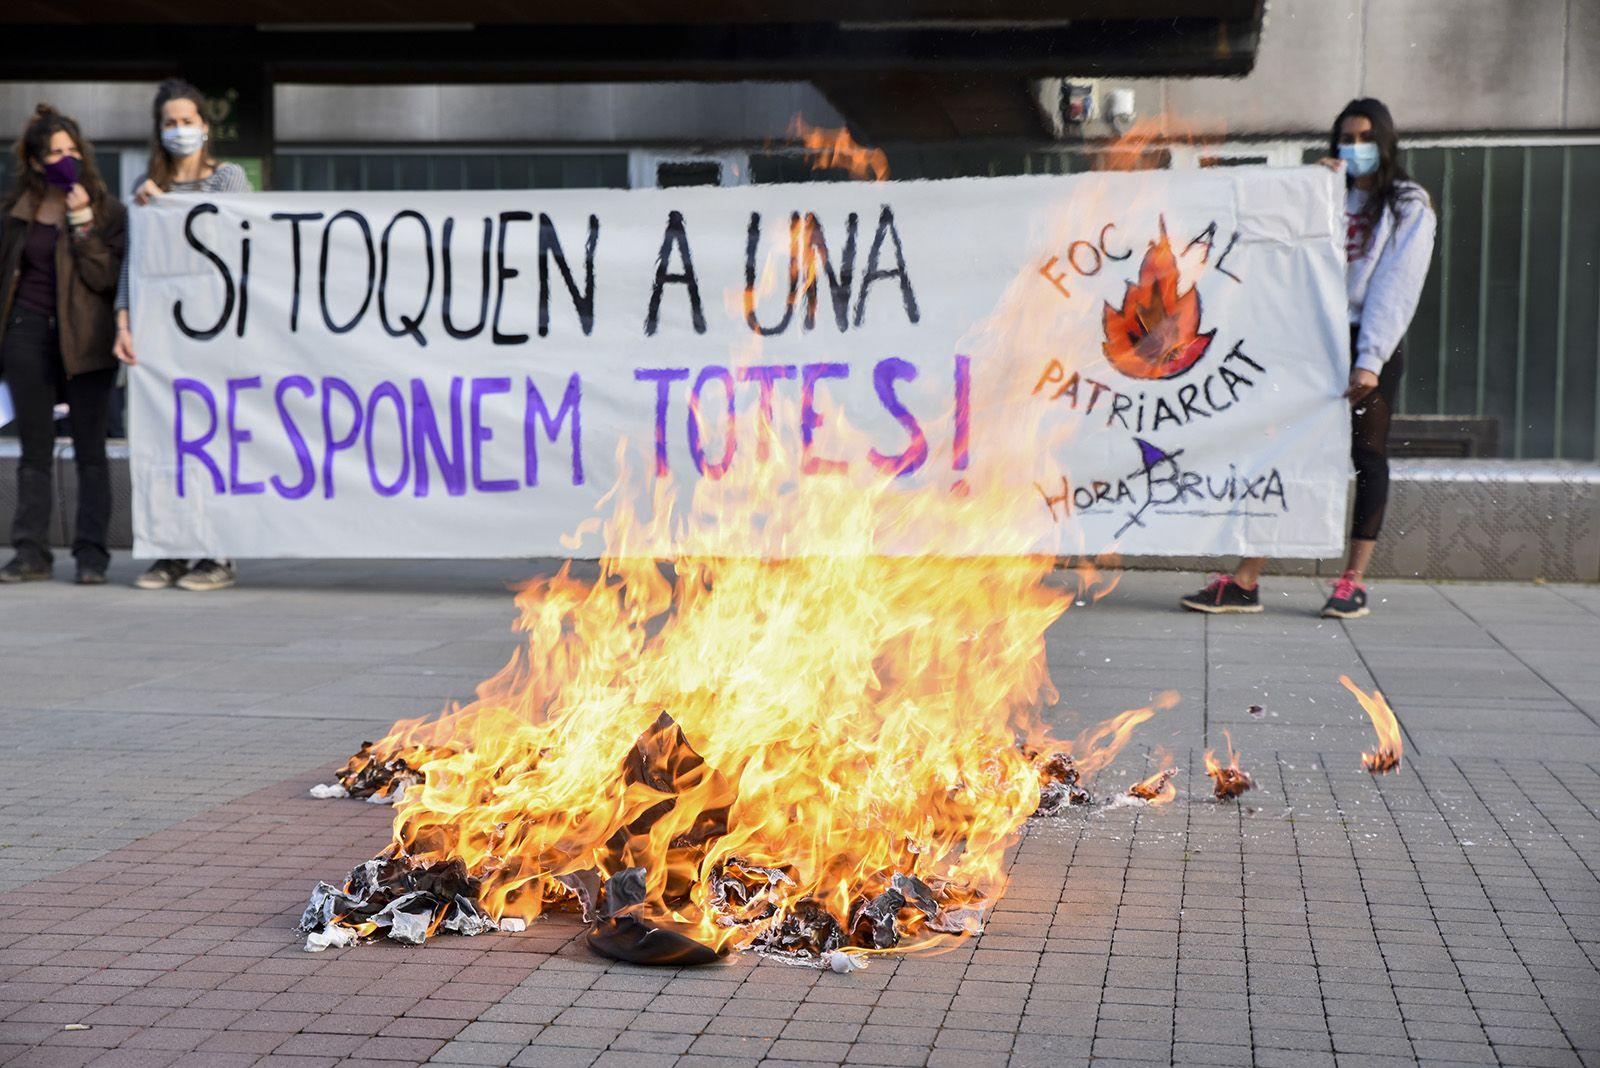 Concentració feminista denuncia l'abús sexual a una menor. Fotos Bernat Millet 19